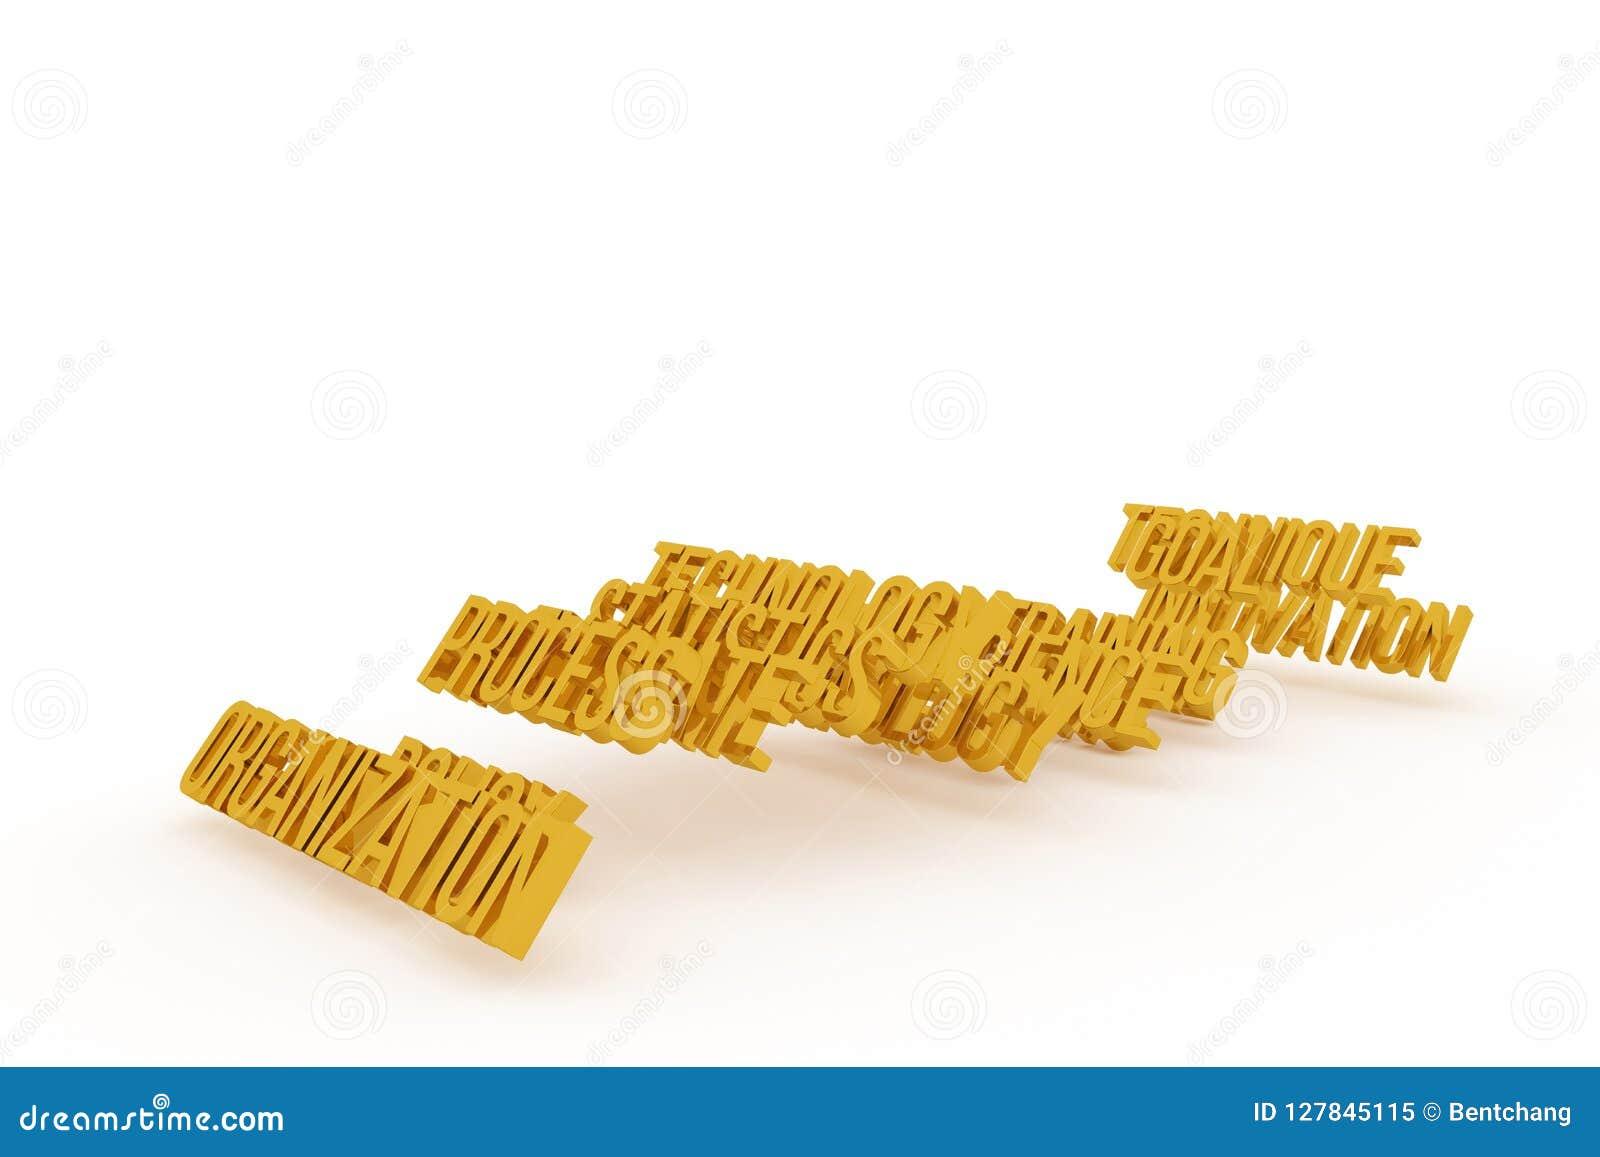 Organisation, goldene begrifflichwörter 3D des Geschäfts Art, Positiv, Hintergrund u. Tapete